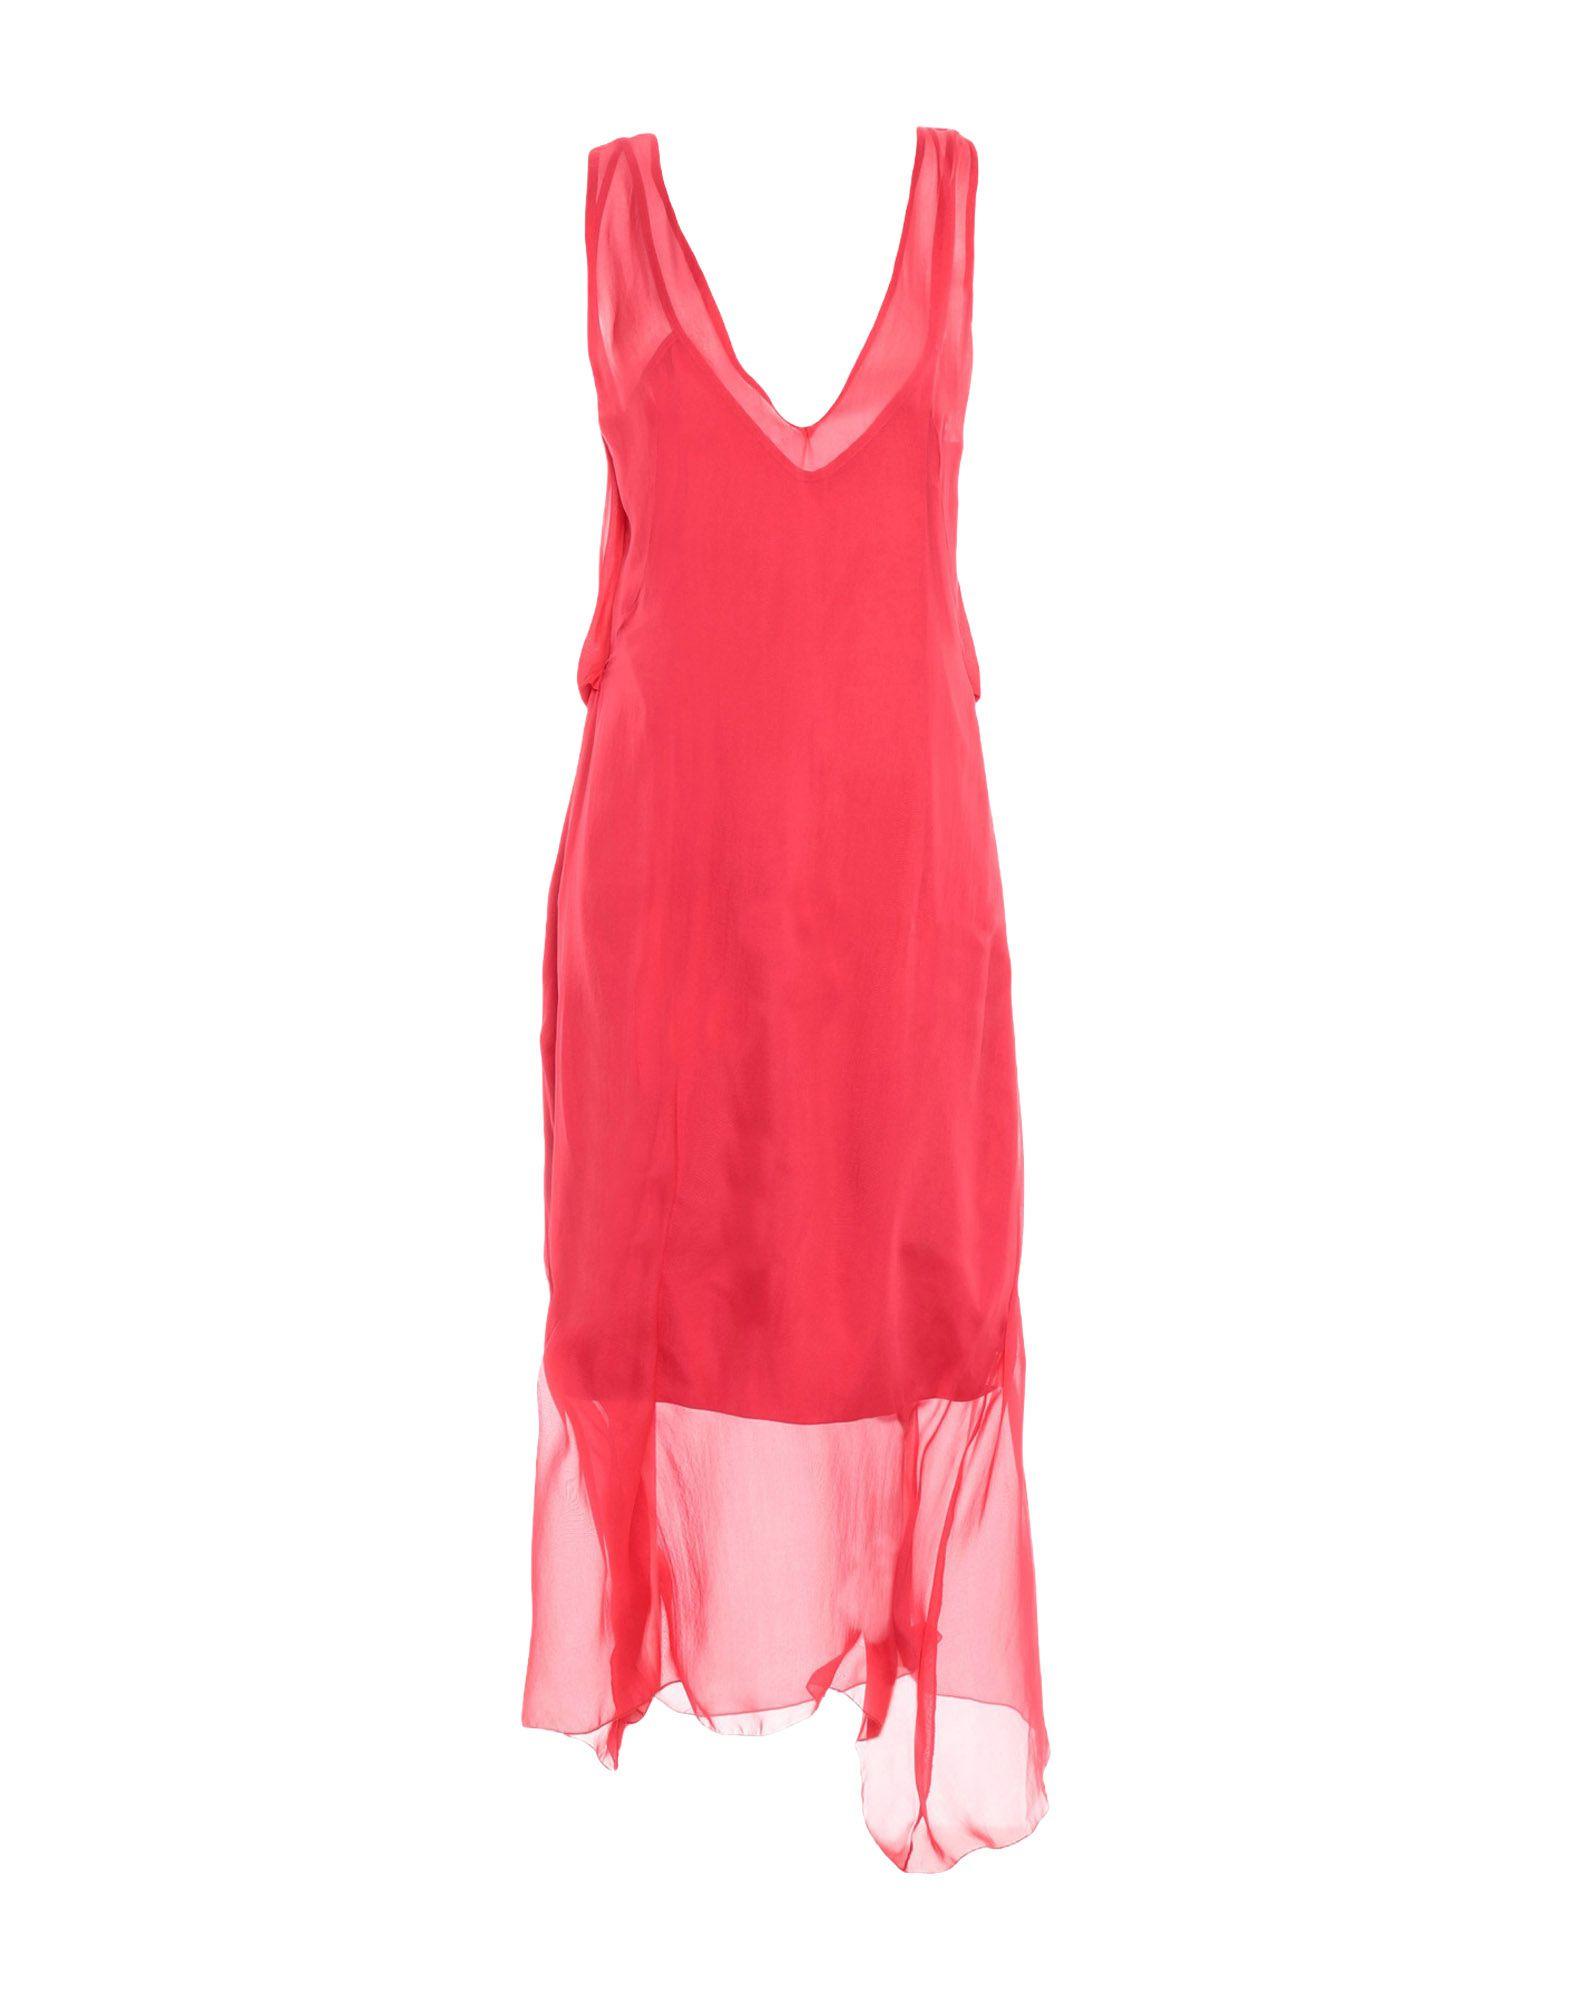 купить ALEX VIDAL Платье длиной 3/4 по цене 25000 рублей